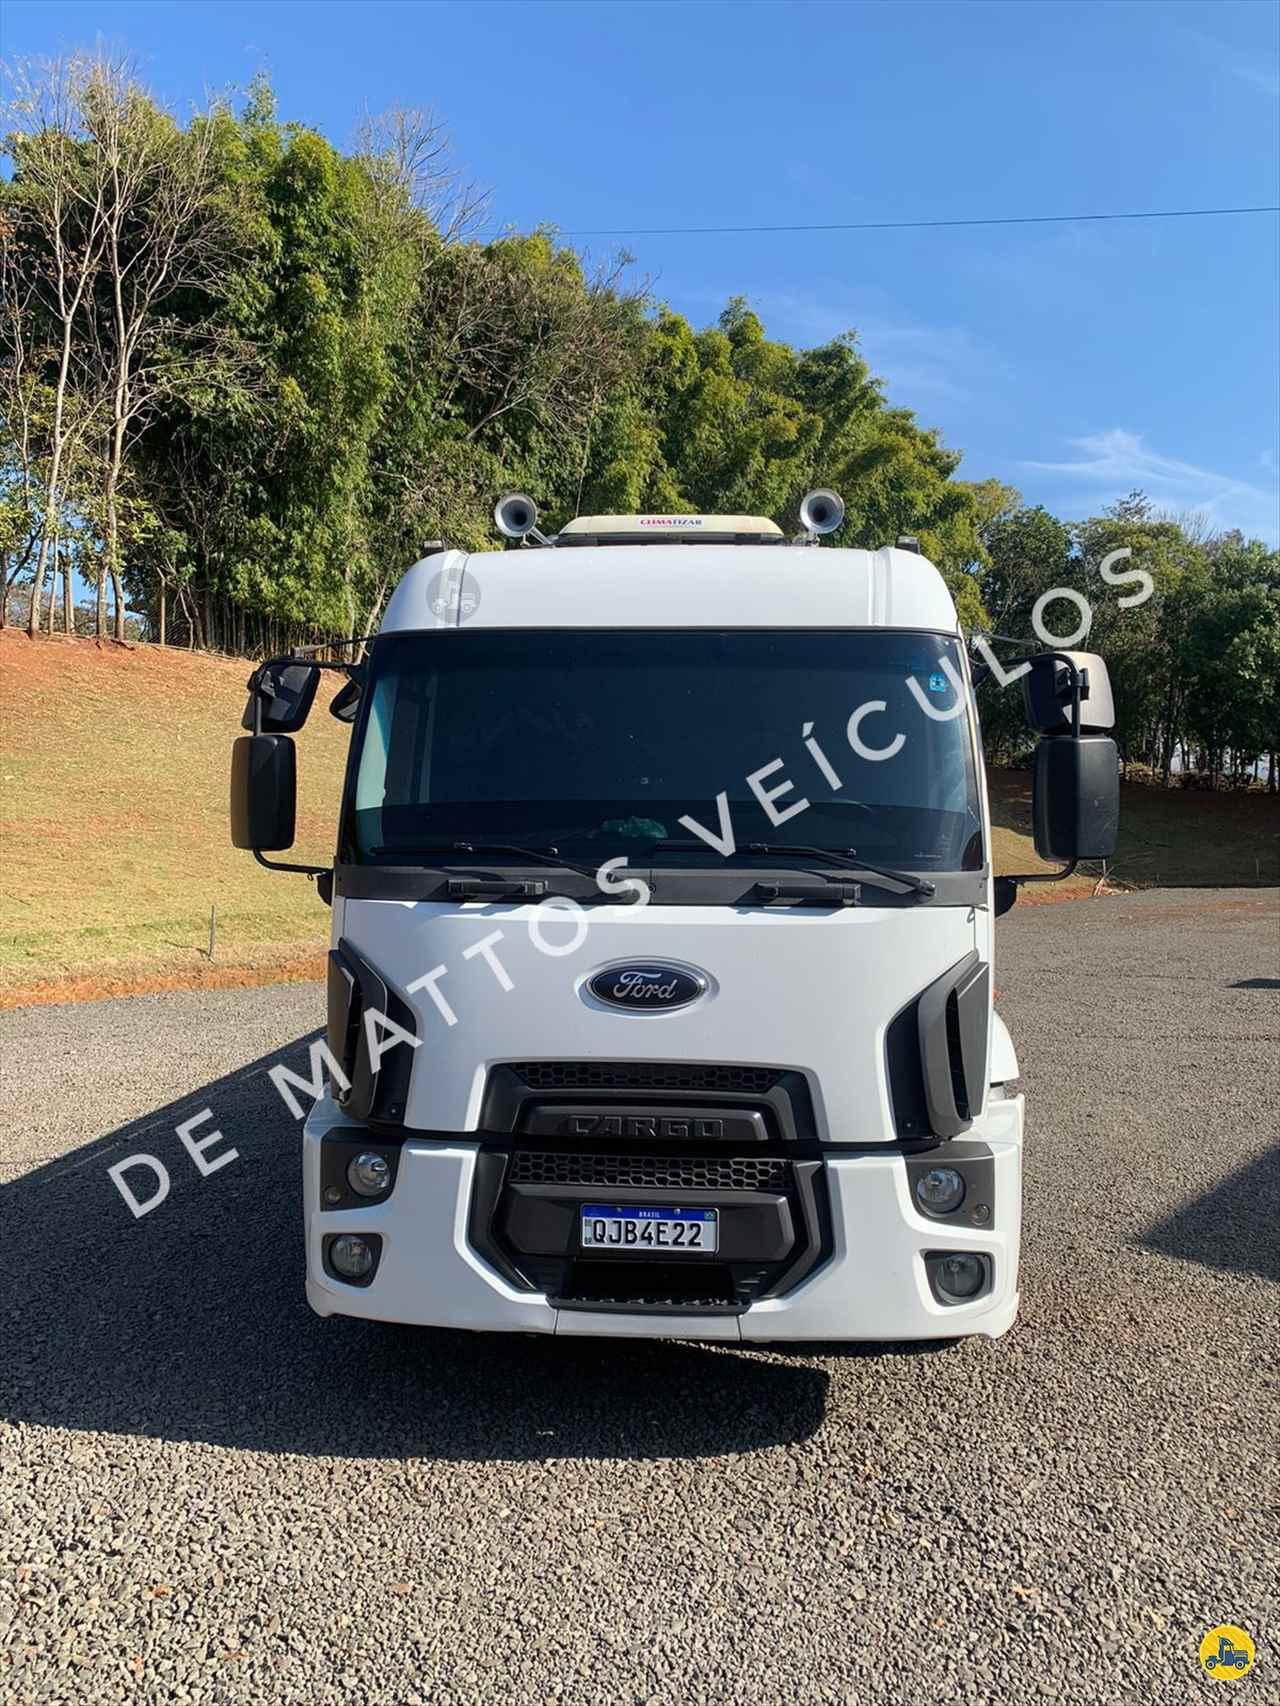 CAMINHAO FORD CARGO 3031 Carga Seca BiTruck 8x2 De Mattos Veículos TUCUNDUVA RIO GRANDE DO SUL RS